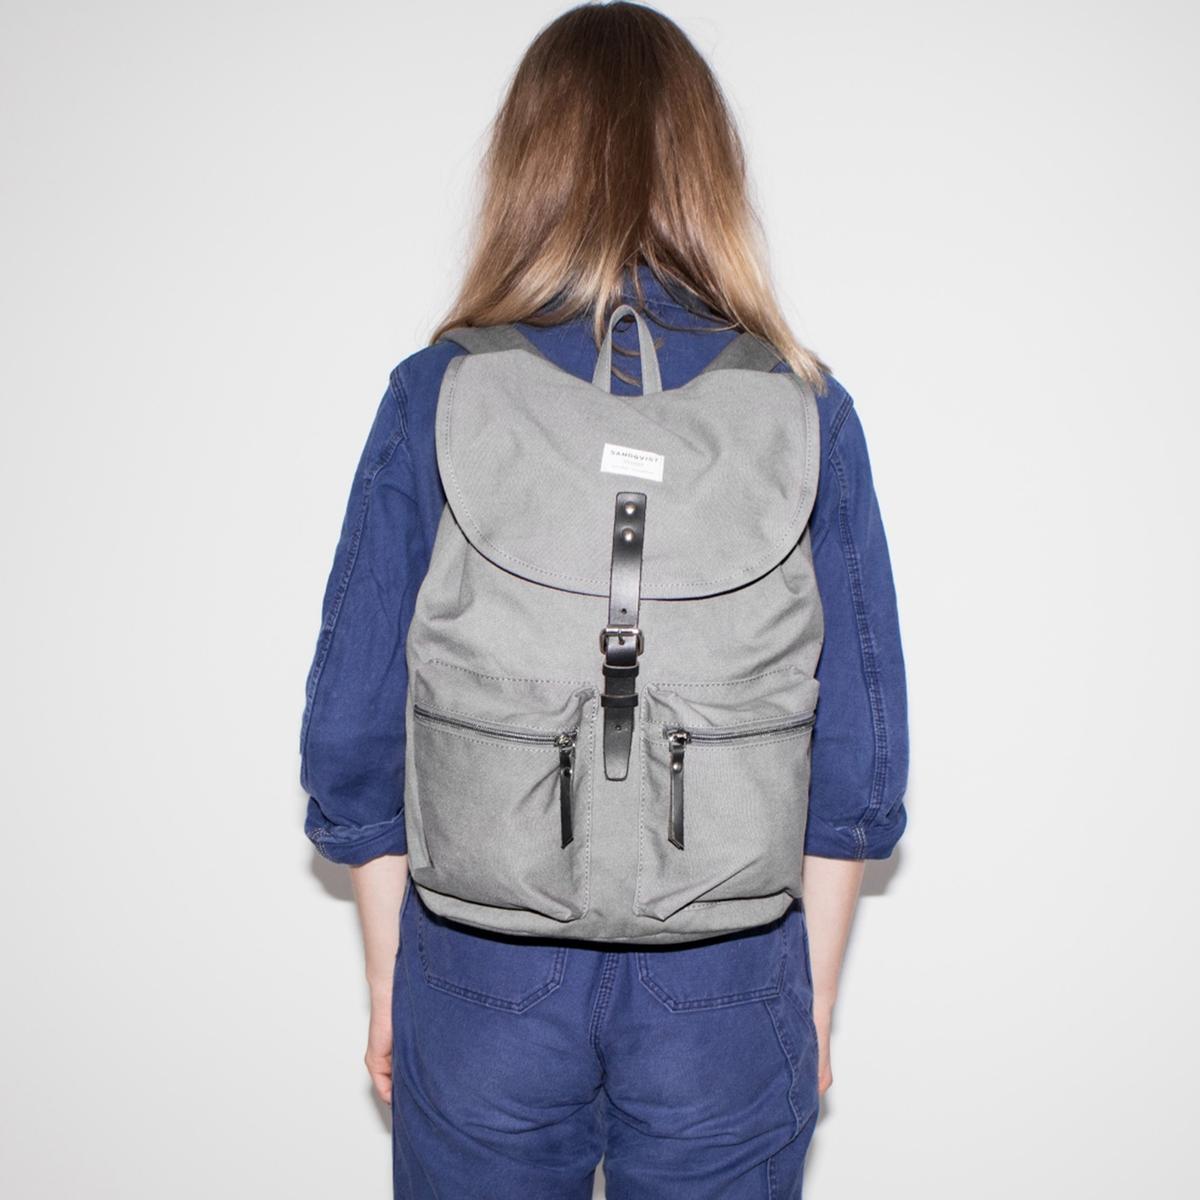 Рюкзак с несколькими карманами ROALDОписание:Рюкзак с несколькими карманами SANDQVIST - модель ROALD : Небольшая ручка позволяет держать рюкзак в руке, 2 регулируемые бретели, чтобы носить рюкзак на плечах, 2 кармана спереди.Детали •  На шнурке •  Кожаный ремешок с металлической пряжкой   Внутренний карман на молнии •  Два небольших внешних кармана на молнии •  Внутренний карман для ноутбука (26 x 29 x 2 см) •  Внутренний карман для ноутбука 15 дюймов (подходит для большинства ноутбуков с диагональю 15 дюймов) •  Размеры : 28 x 36 x 17 см •  Объем 17лСостав и уход •  Биохлопок и вторичный полиэстер •  65% биохлопка, 35% вторичного полиэстера •  Вставки из высококачественной кожи •  Подкладка 100% вторичный полиэстер •  Следуйте инструкции по уходу, указанной на этикетке.<br><br>Цвет: серый